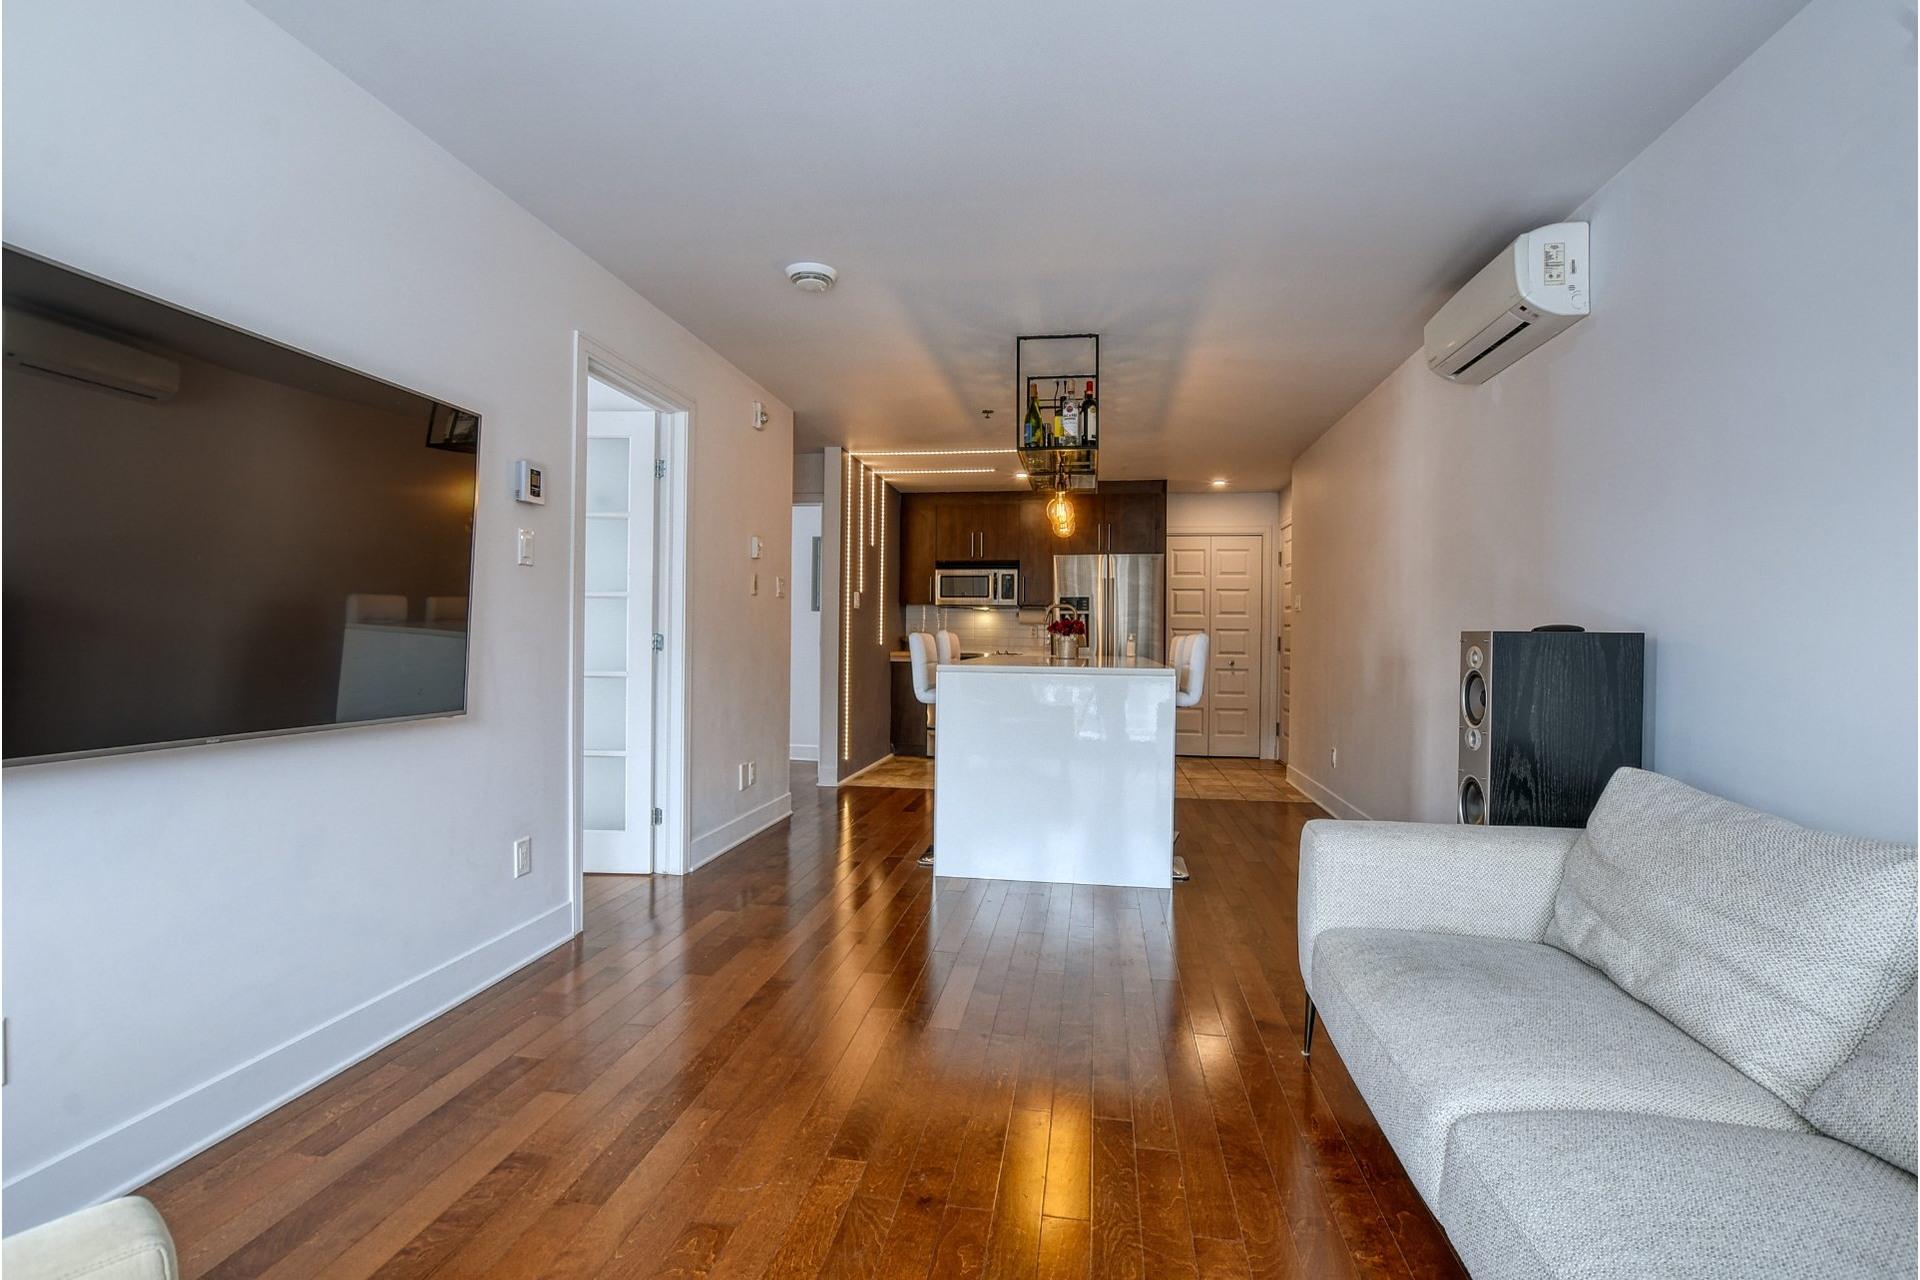 image 5 - Apartment For sale Ahuntsic-Cartierville Montréal  - 4 rooms